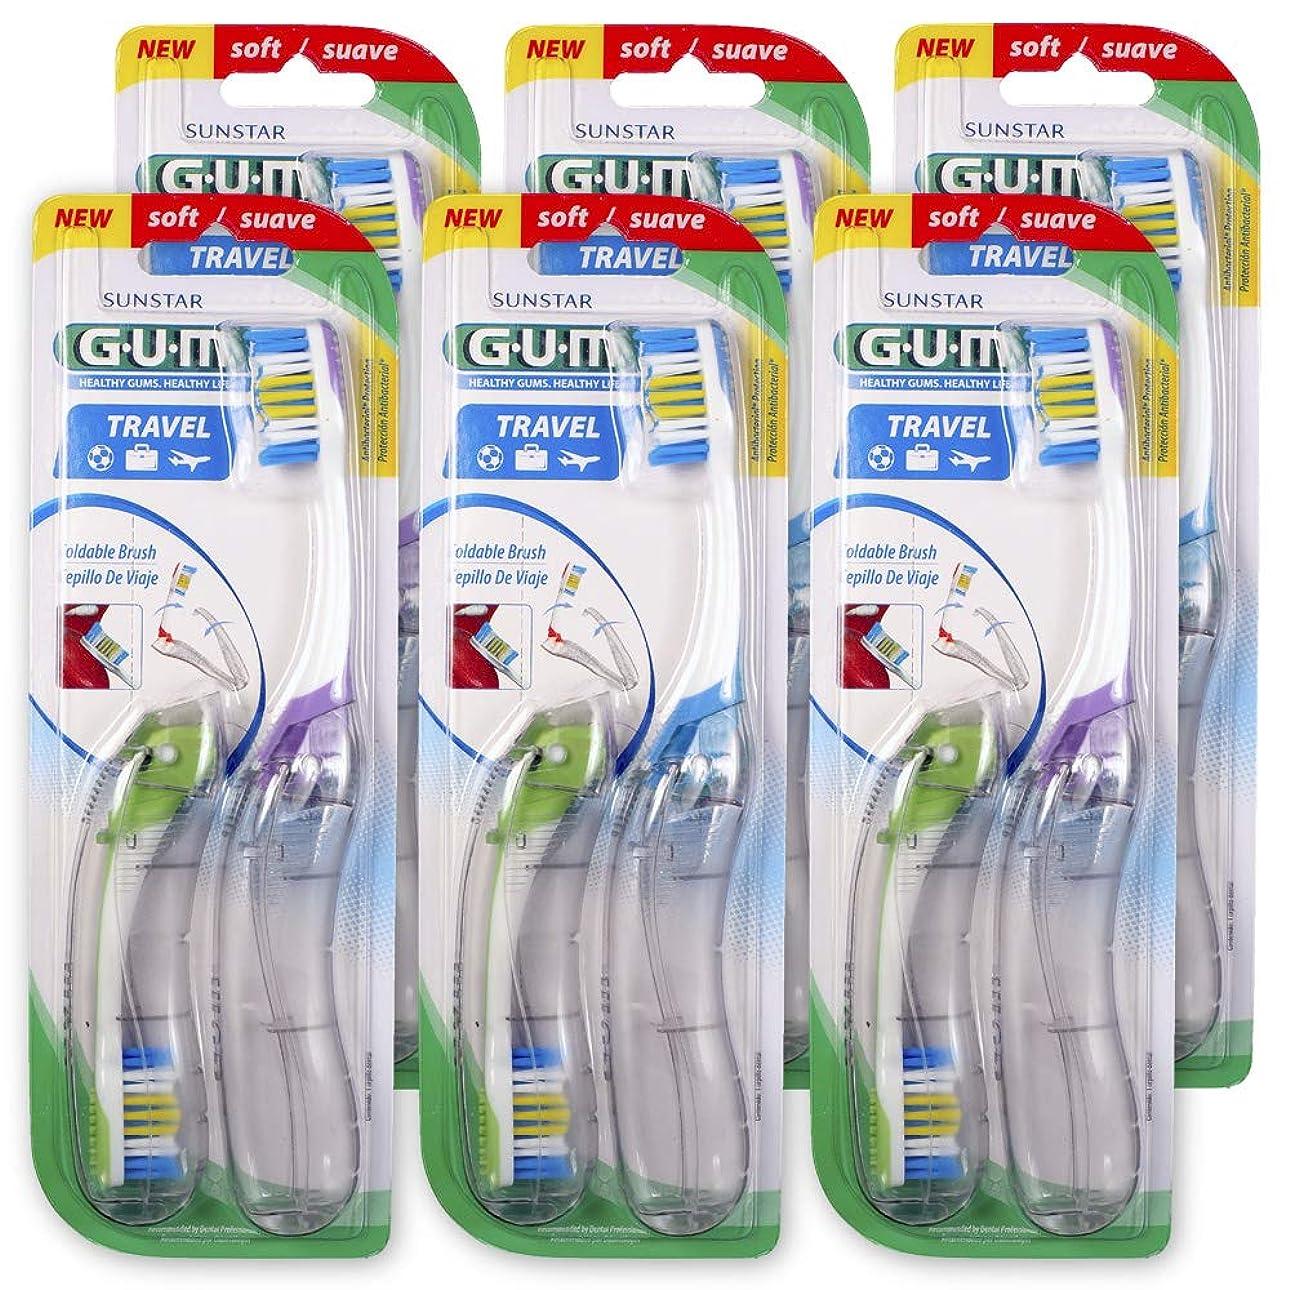 北米震えチャンピオンGUM (ガム) 折りたたみ式 トラベル用柔らか歯ブラシ 3つ折りタイプ 舌クリーナー付き ポケット、バッグ、スーツケース、ポーチに簡単に収納できる旅行用携帯サイズ (12本セット)